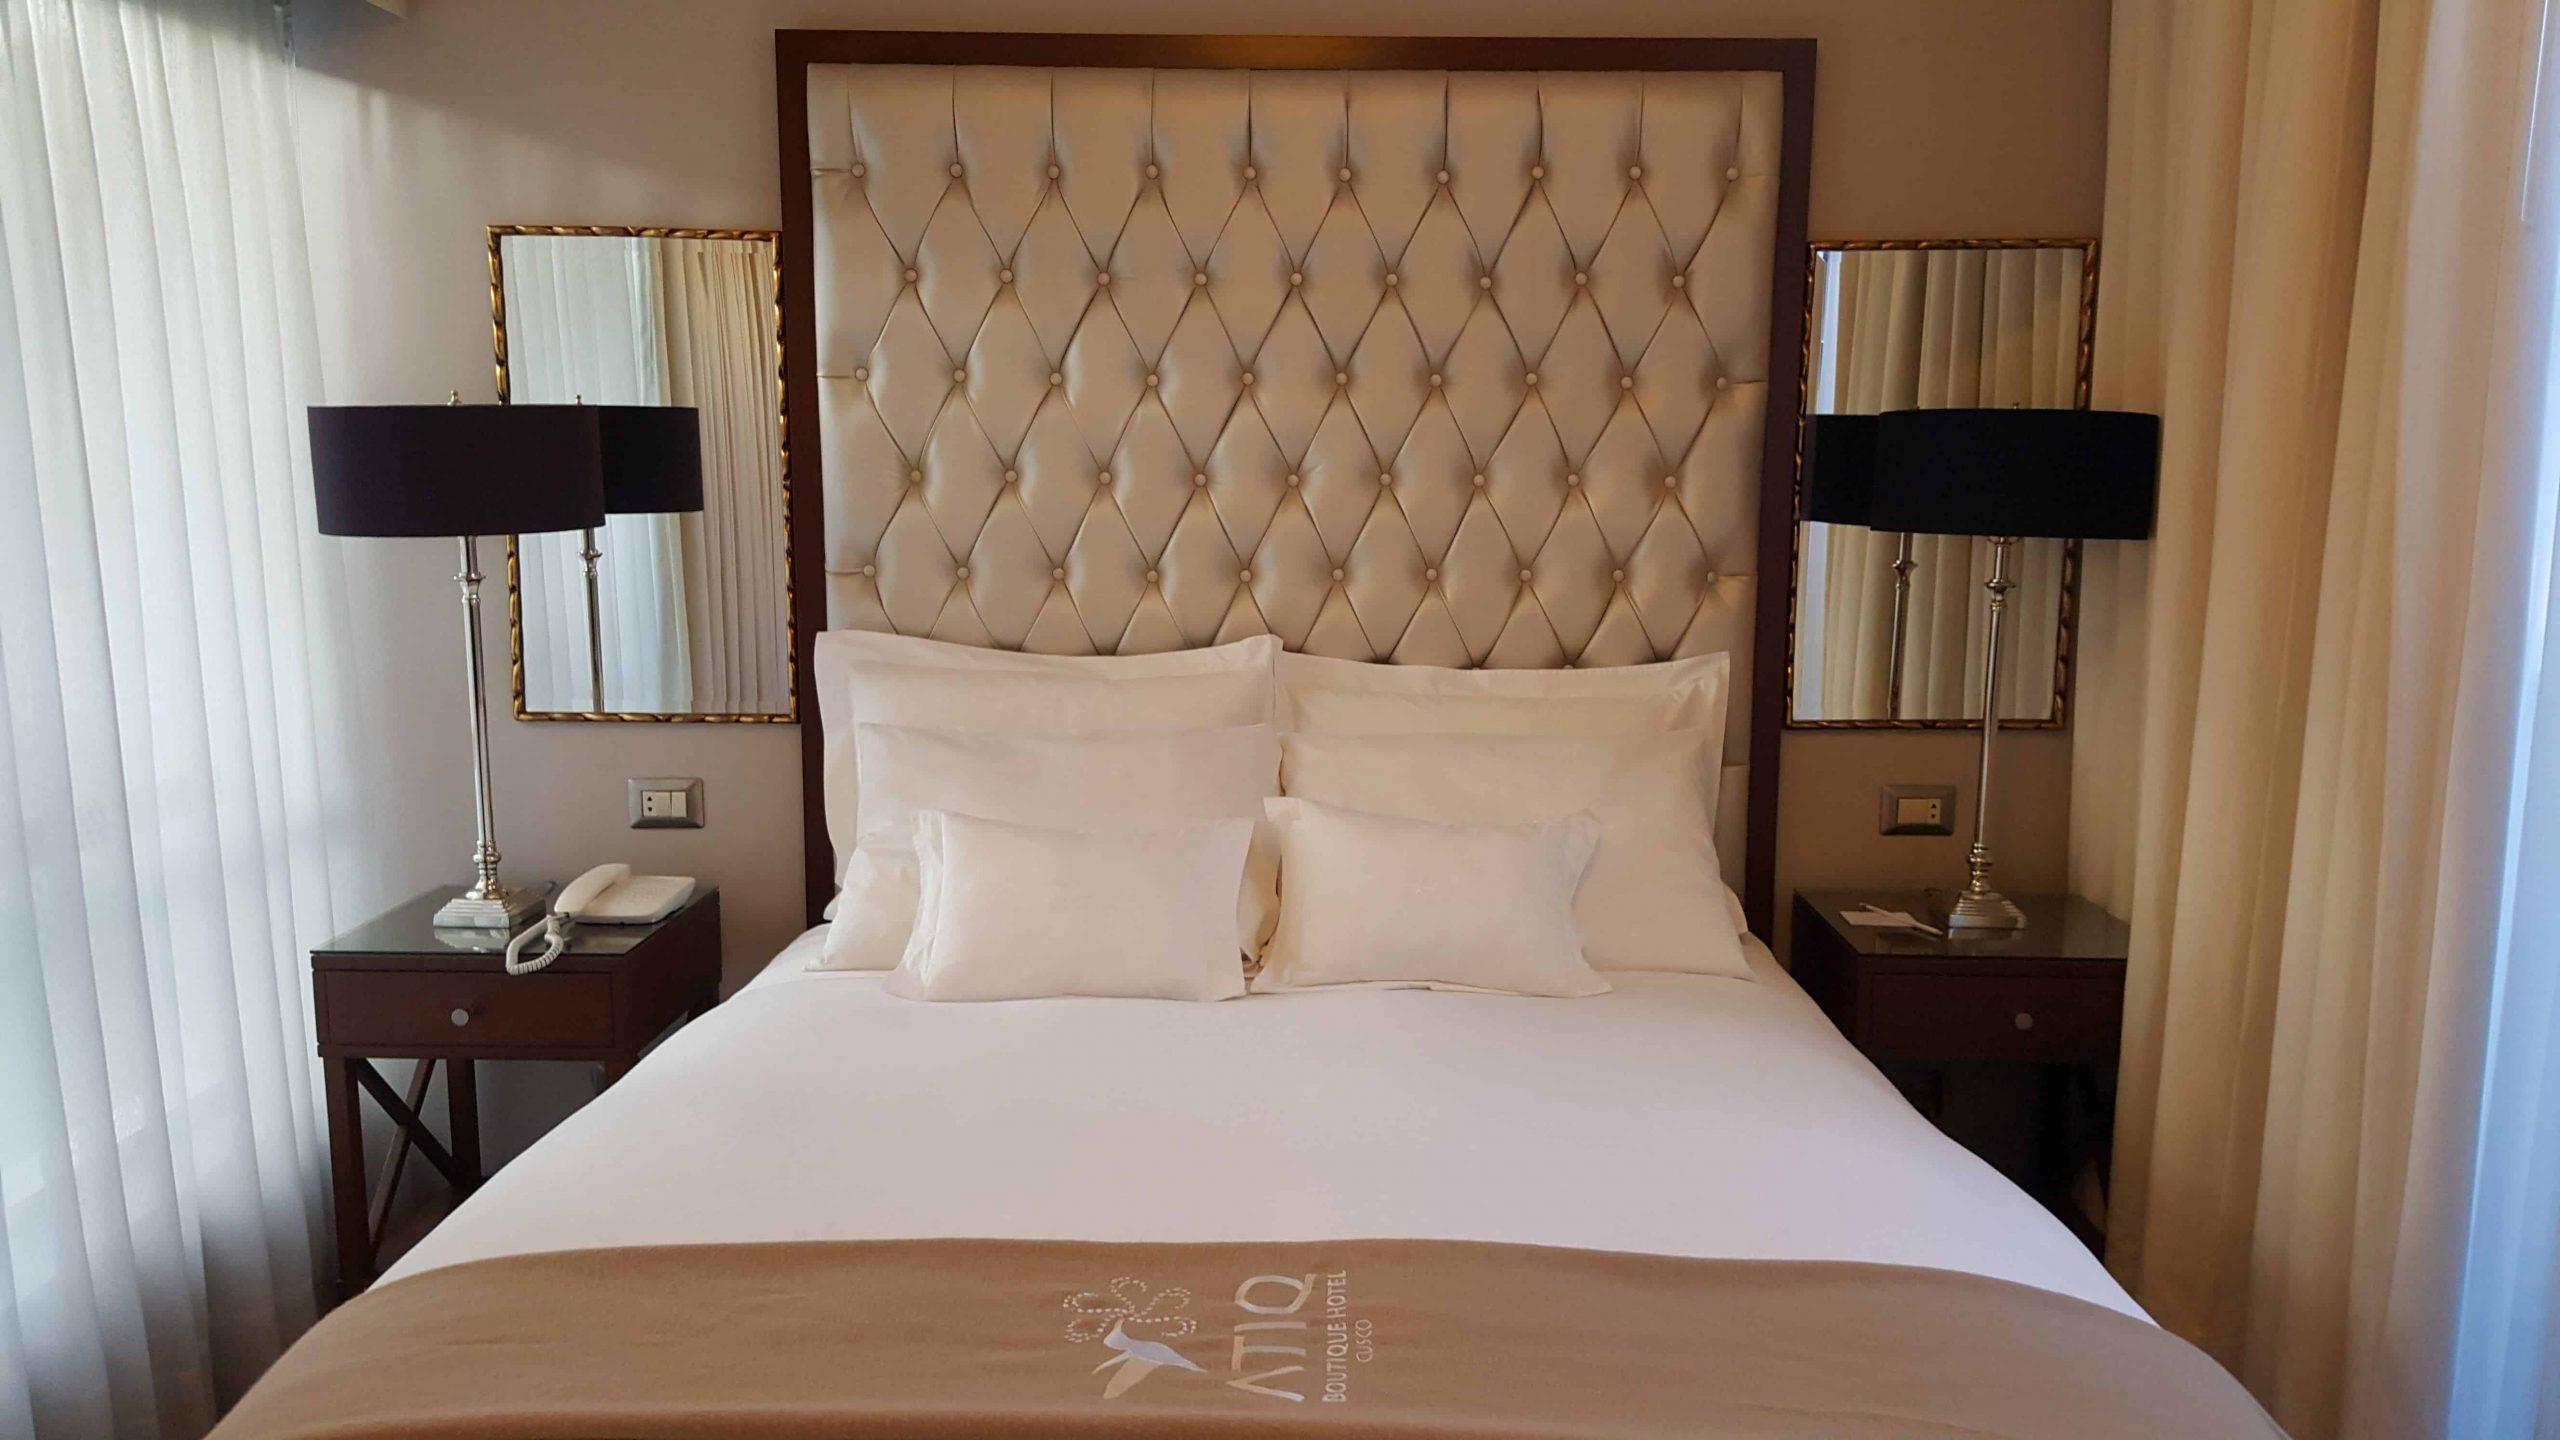 Hotel Review: ATIQ Boutique Hotel (Cusco, Peru)